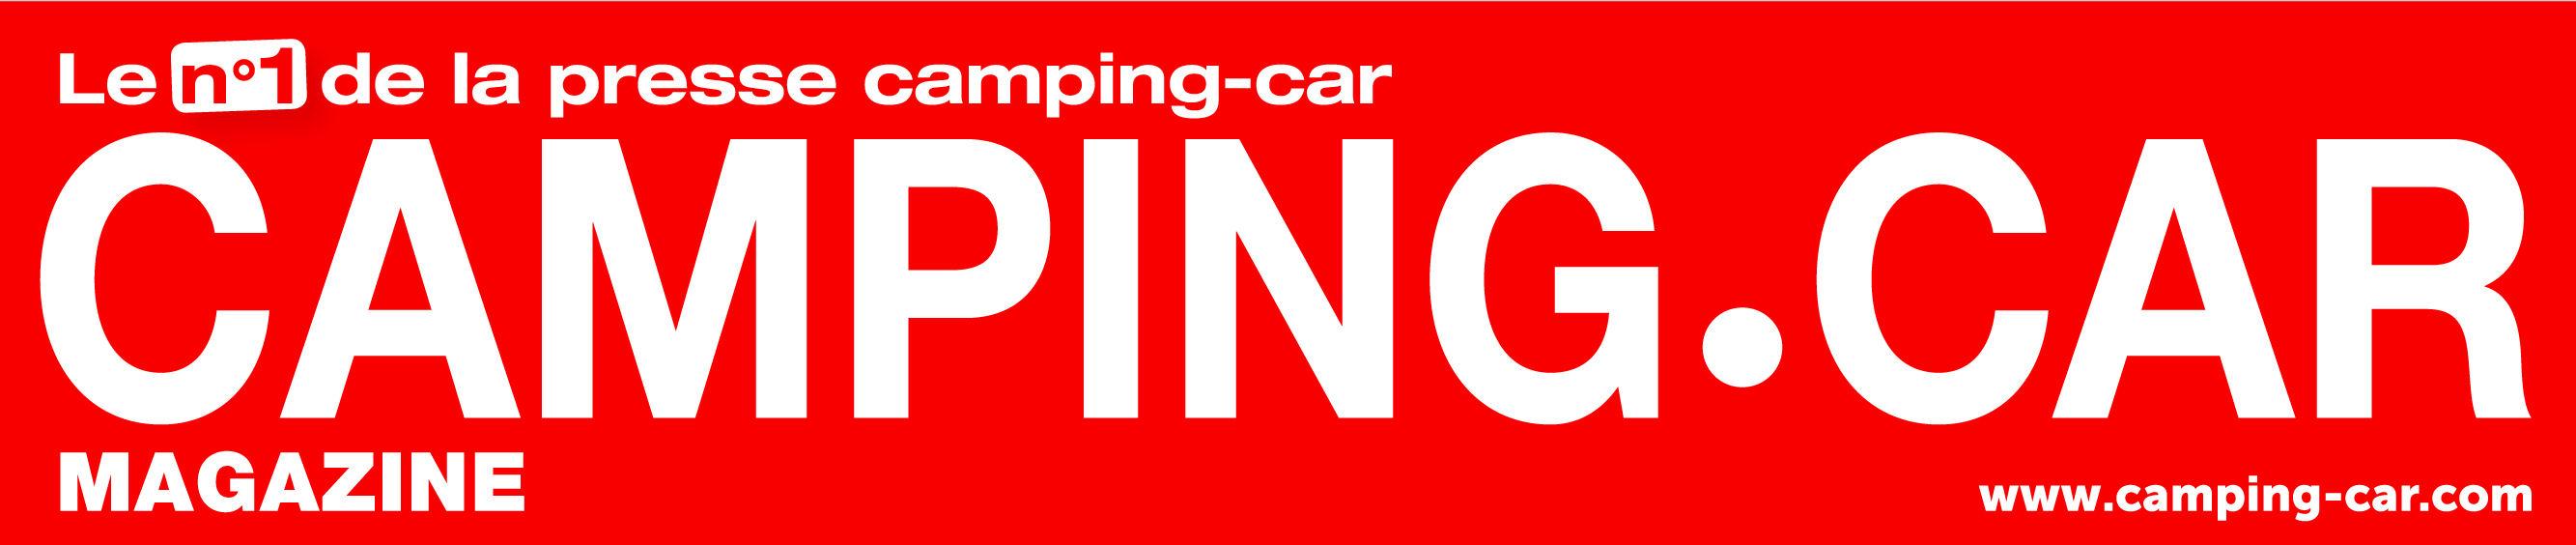 http://martiniquecampingcar.fr/Le%20n°1%20de%20la%20presse%20camping-car